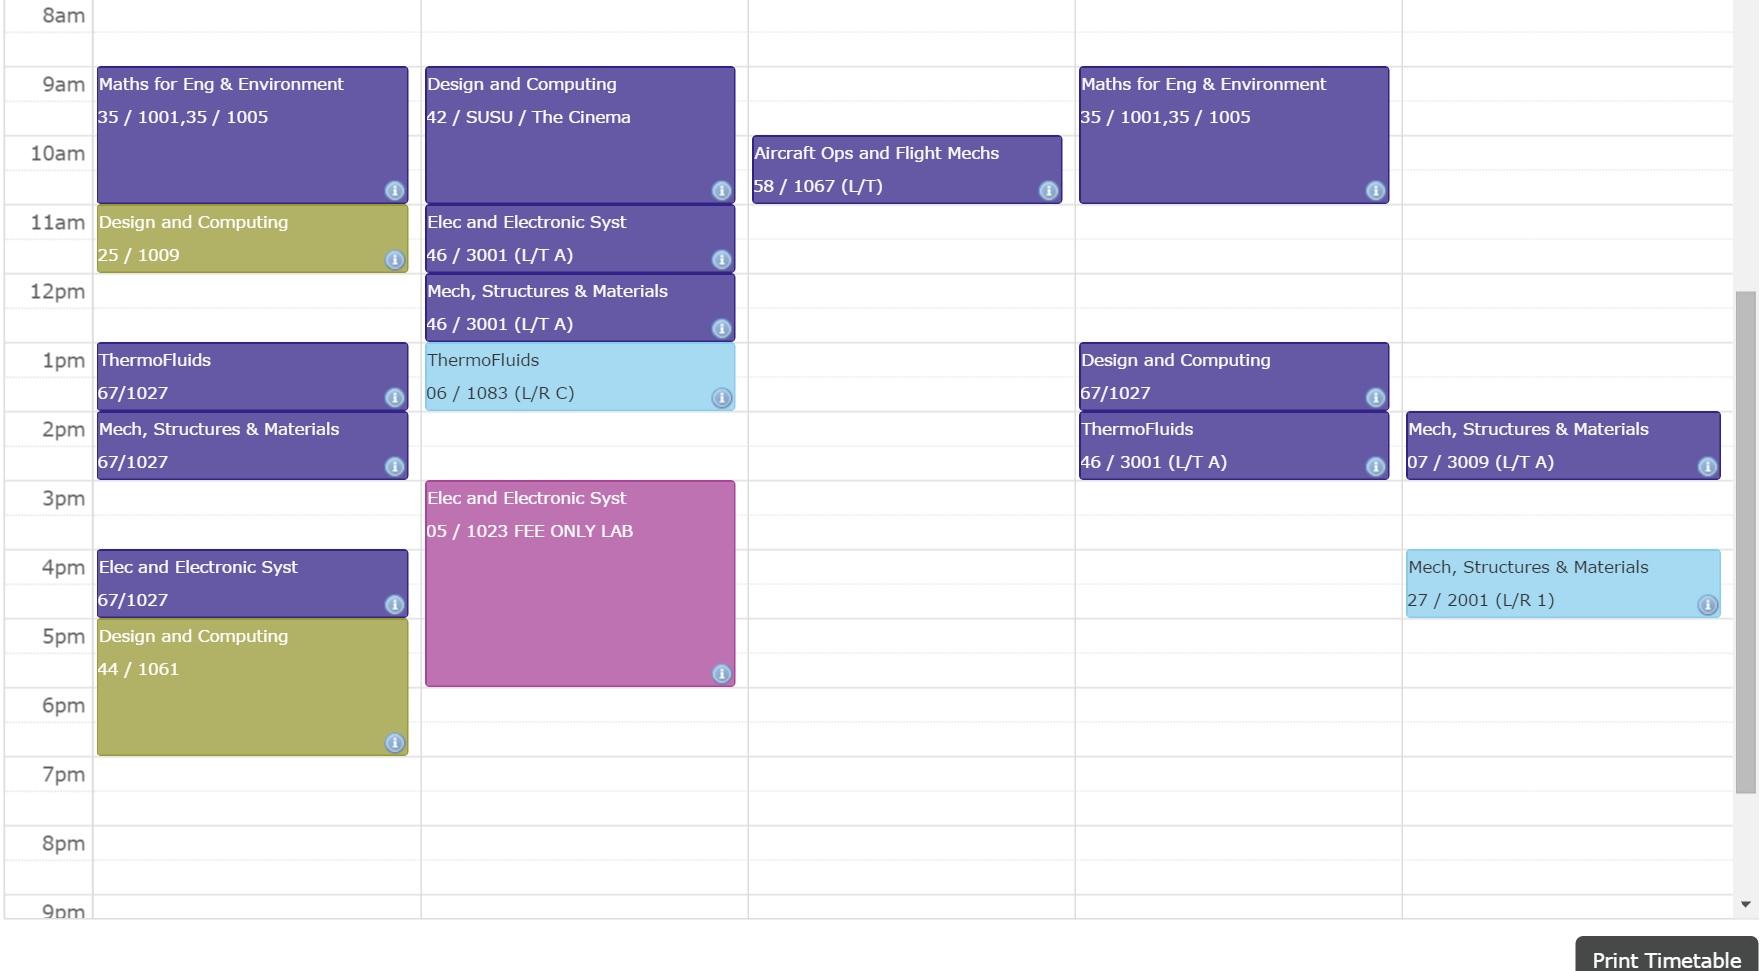 timetable_sem1